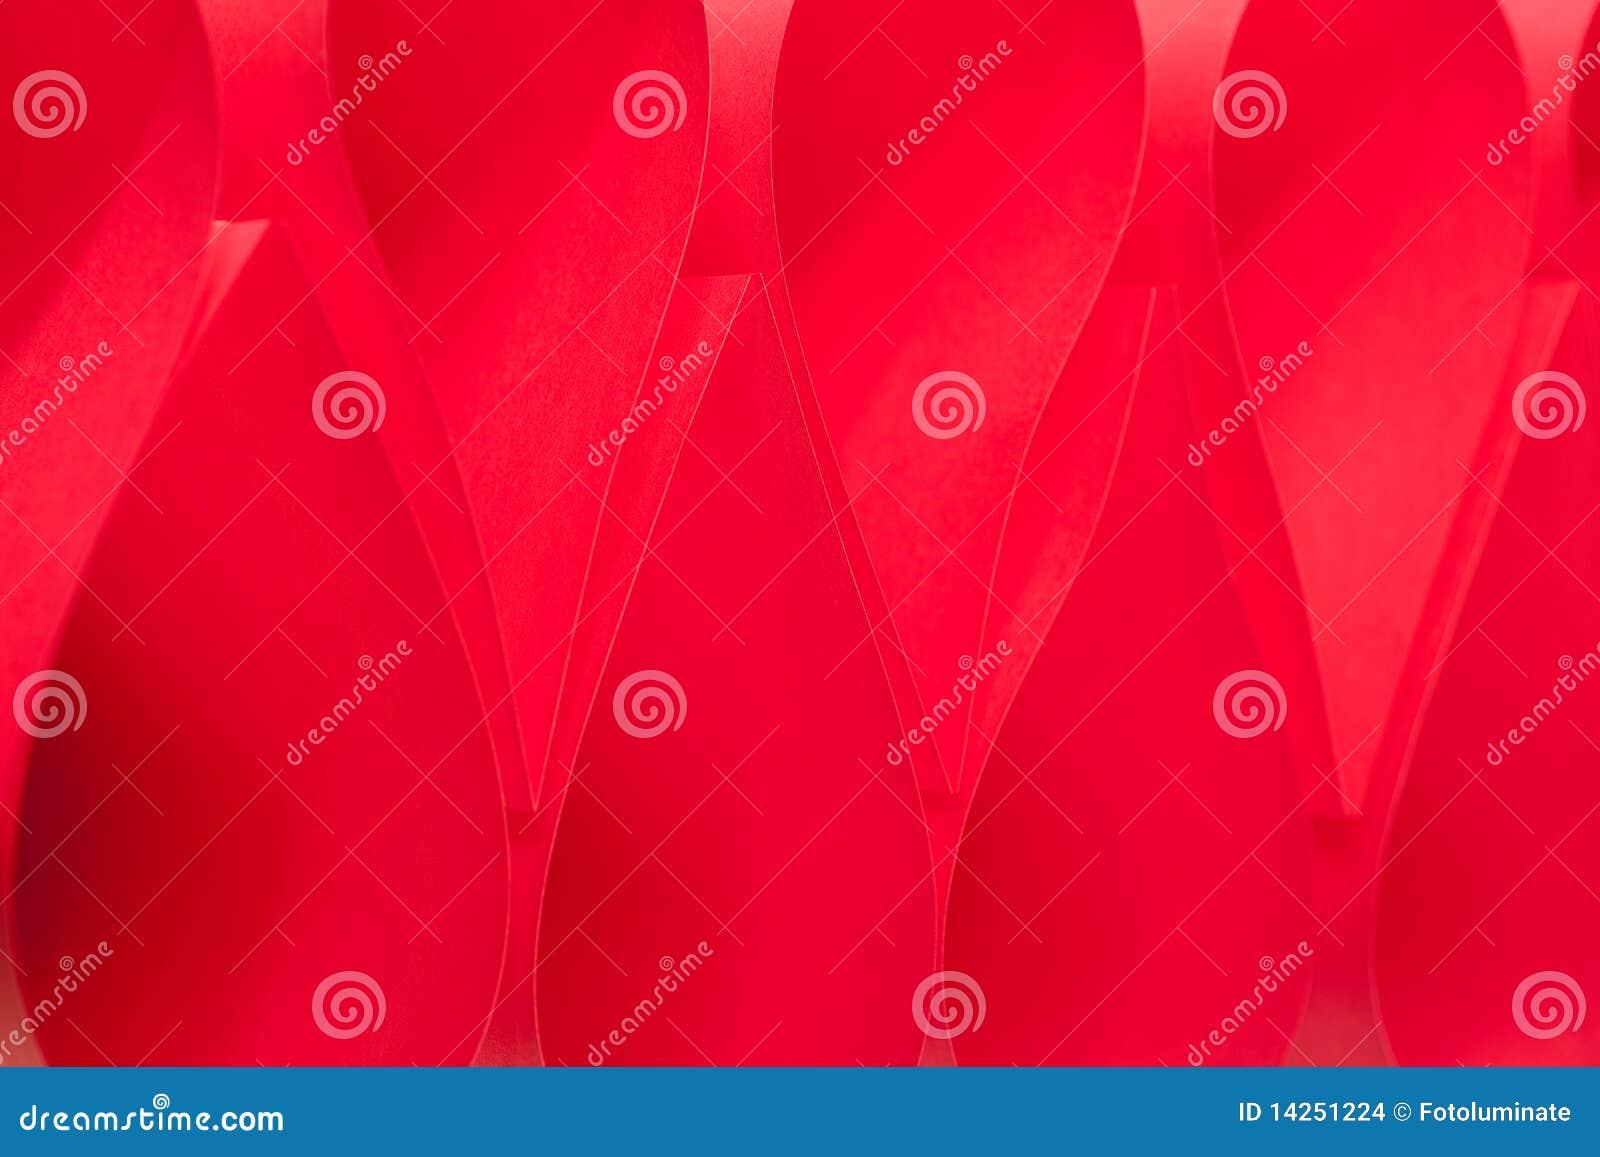 Kleurrijke van de Zaagtand Samenvatting Als achtergrond